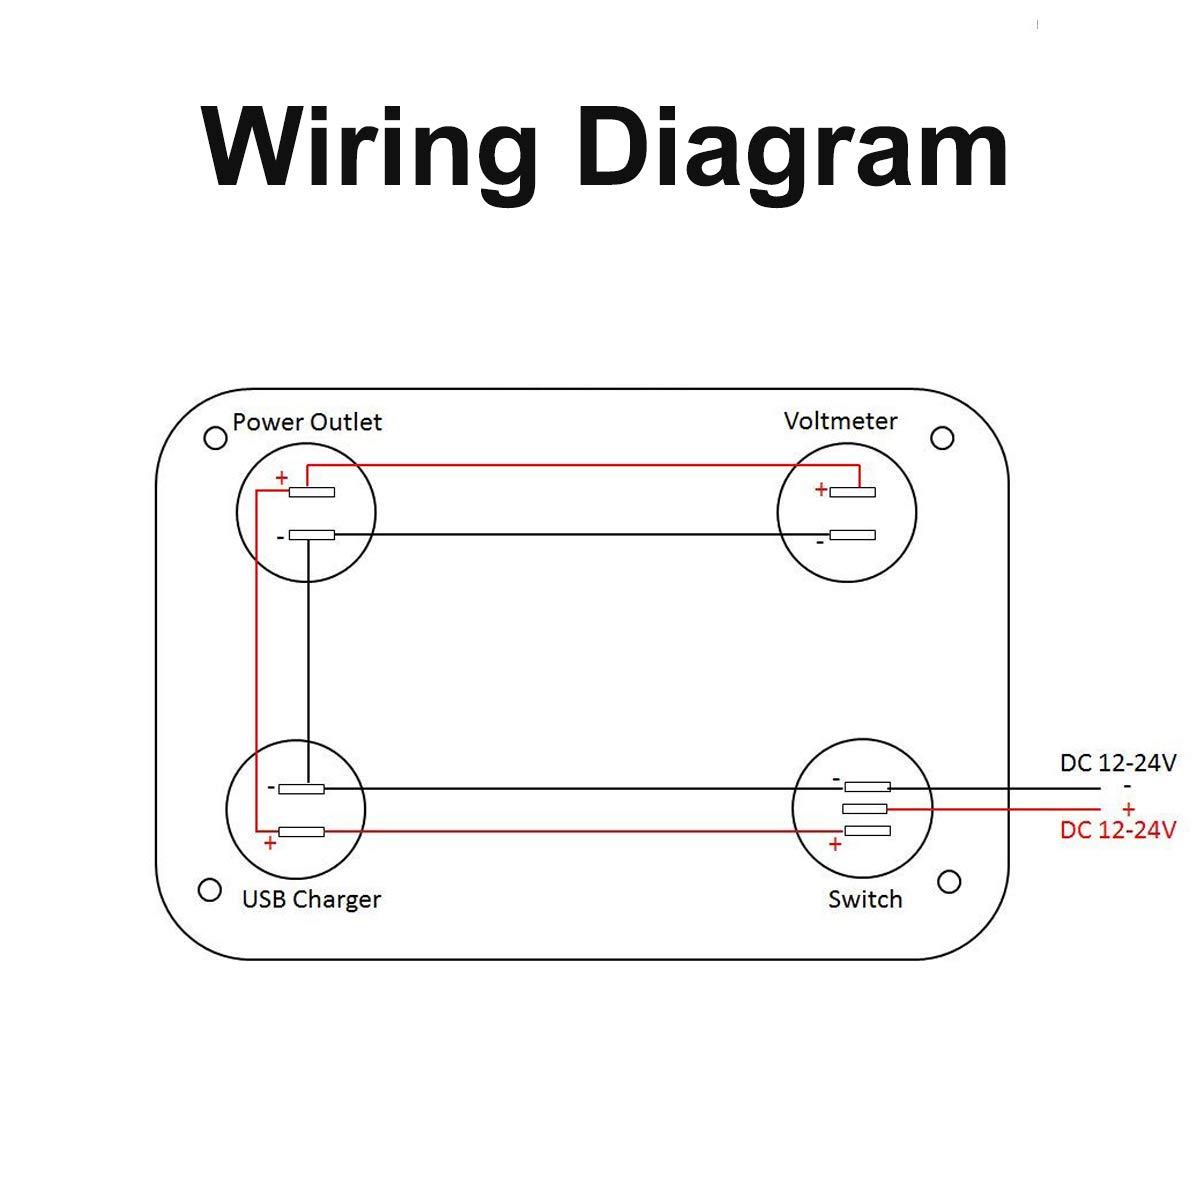 amazon com: linkstyle 4 in 1 charger socket panel, 12v 4 2a dual usb charger  socket power outlet & led voltmeter & cigarette lighter socket & led  lighted on